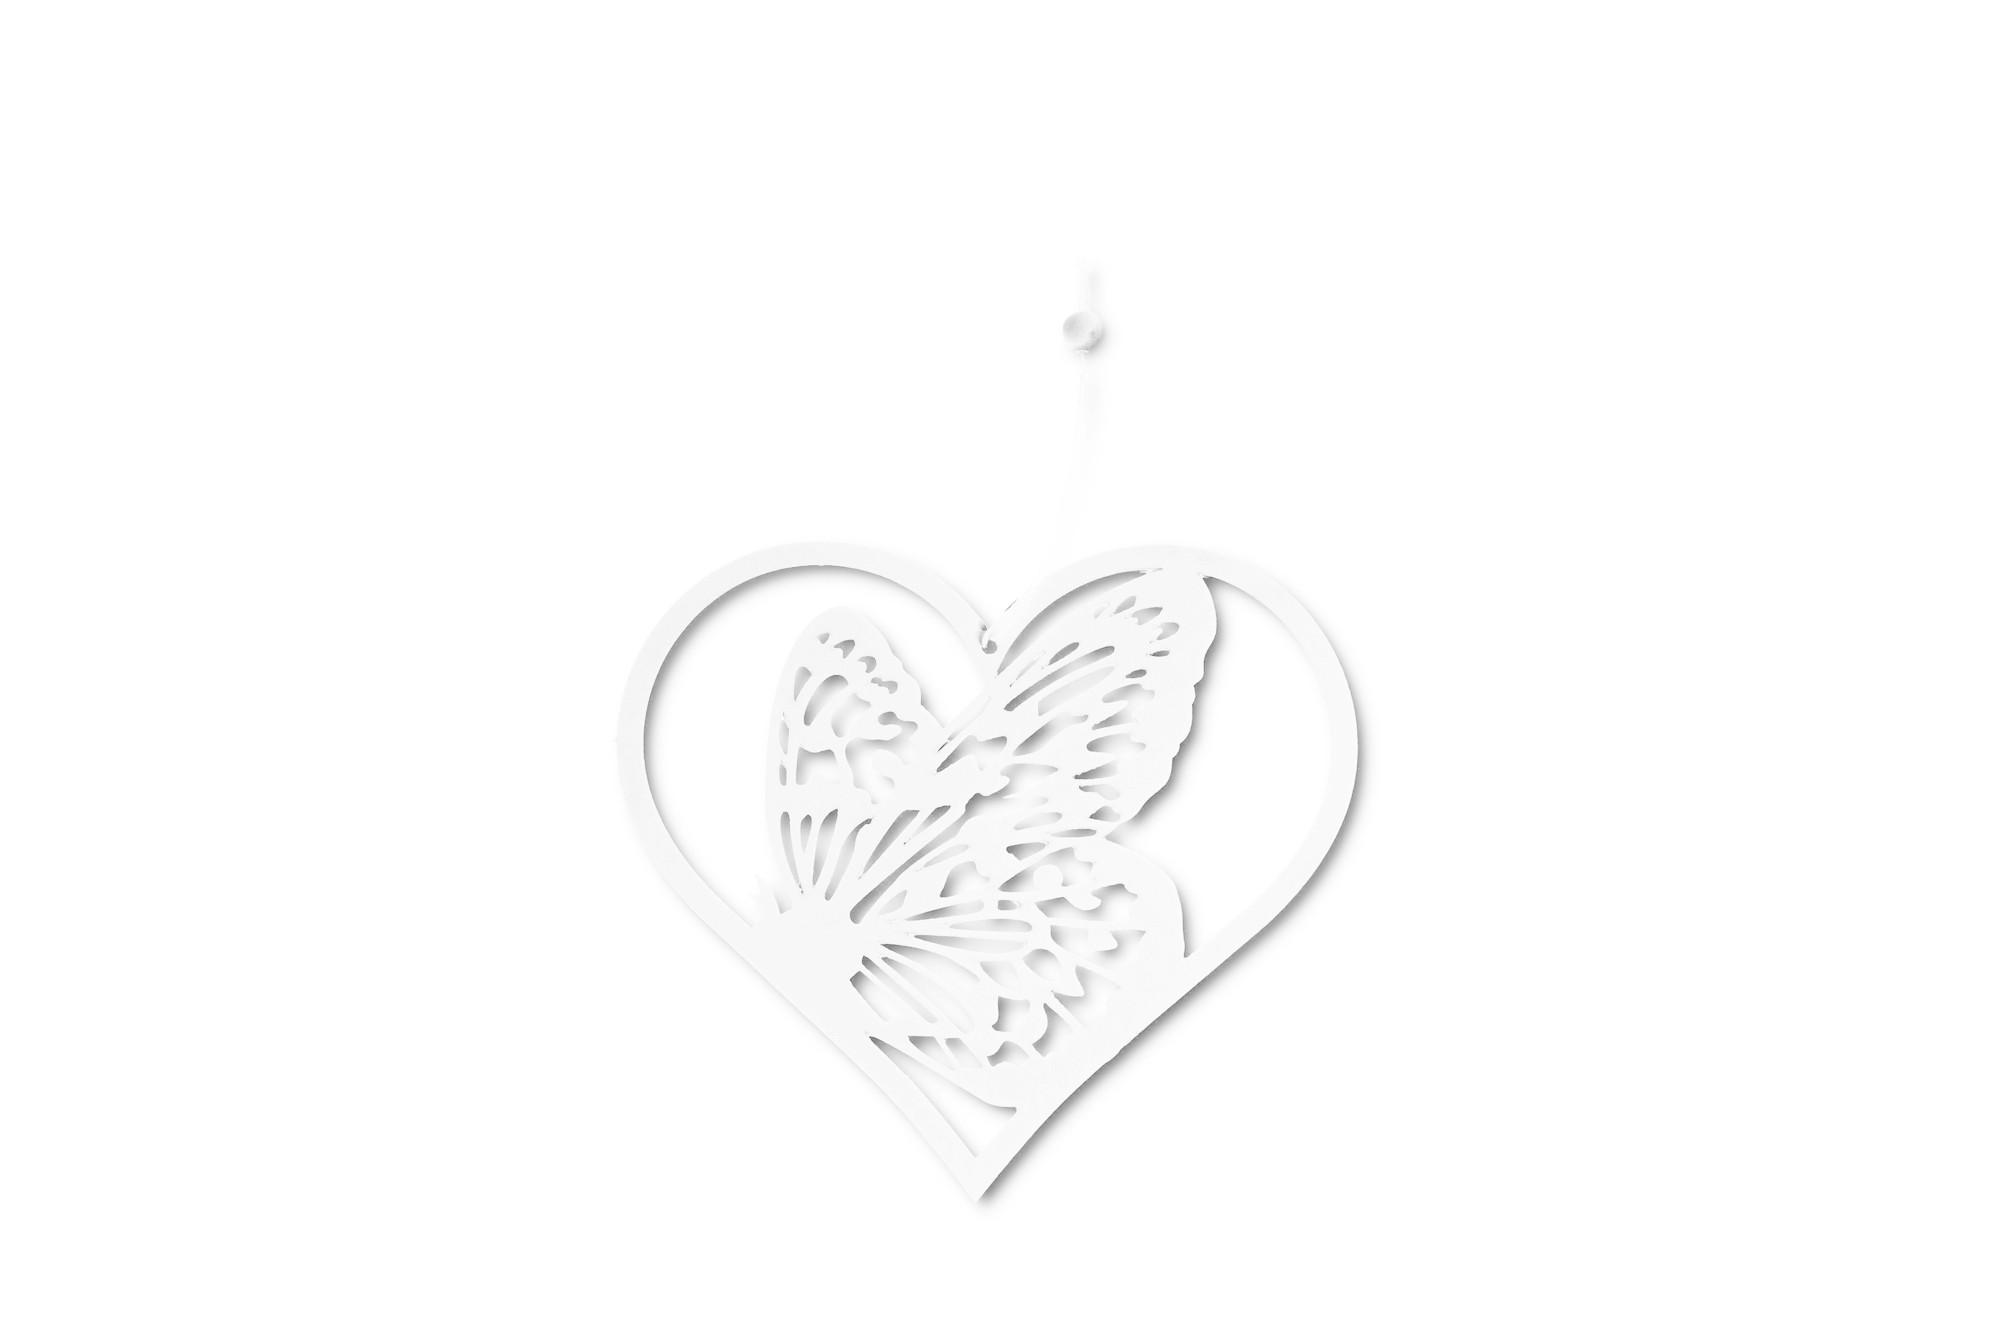 Srdce s motýlem 15 cm